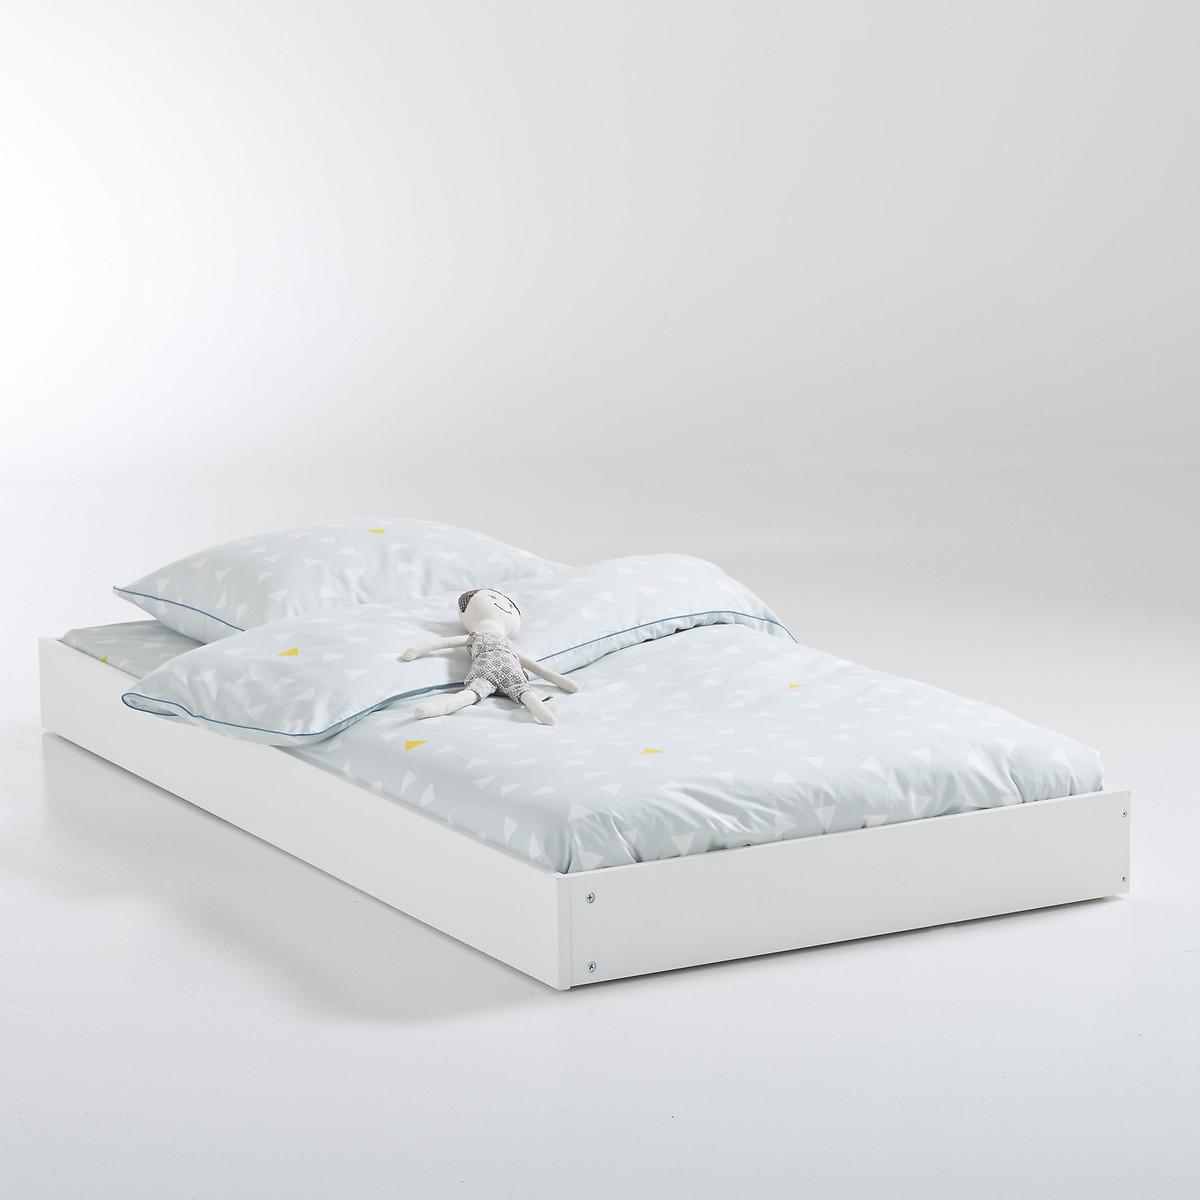 Ящик-кровать LaRedoute 1-спальный винтажный в стиле ретро Adil единый размер белый